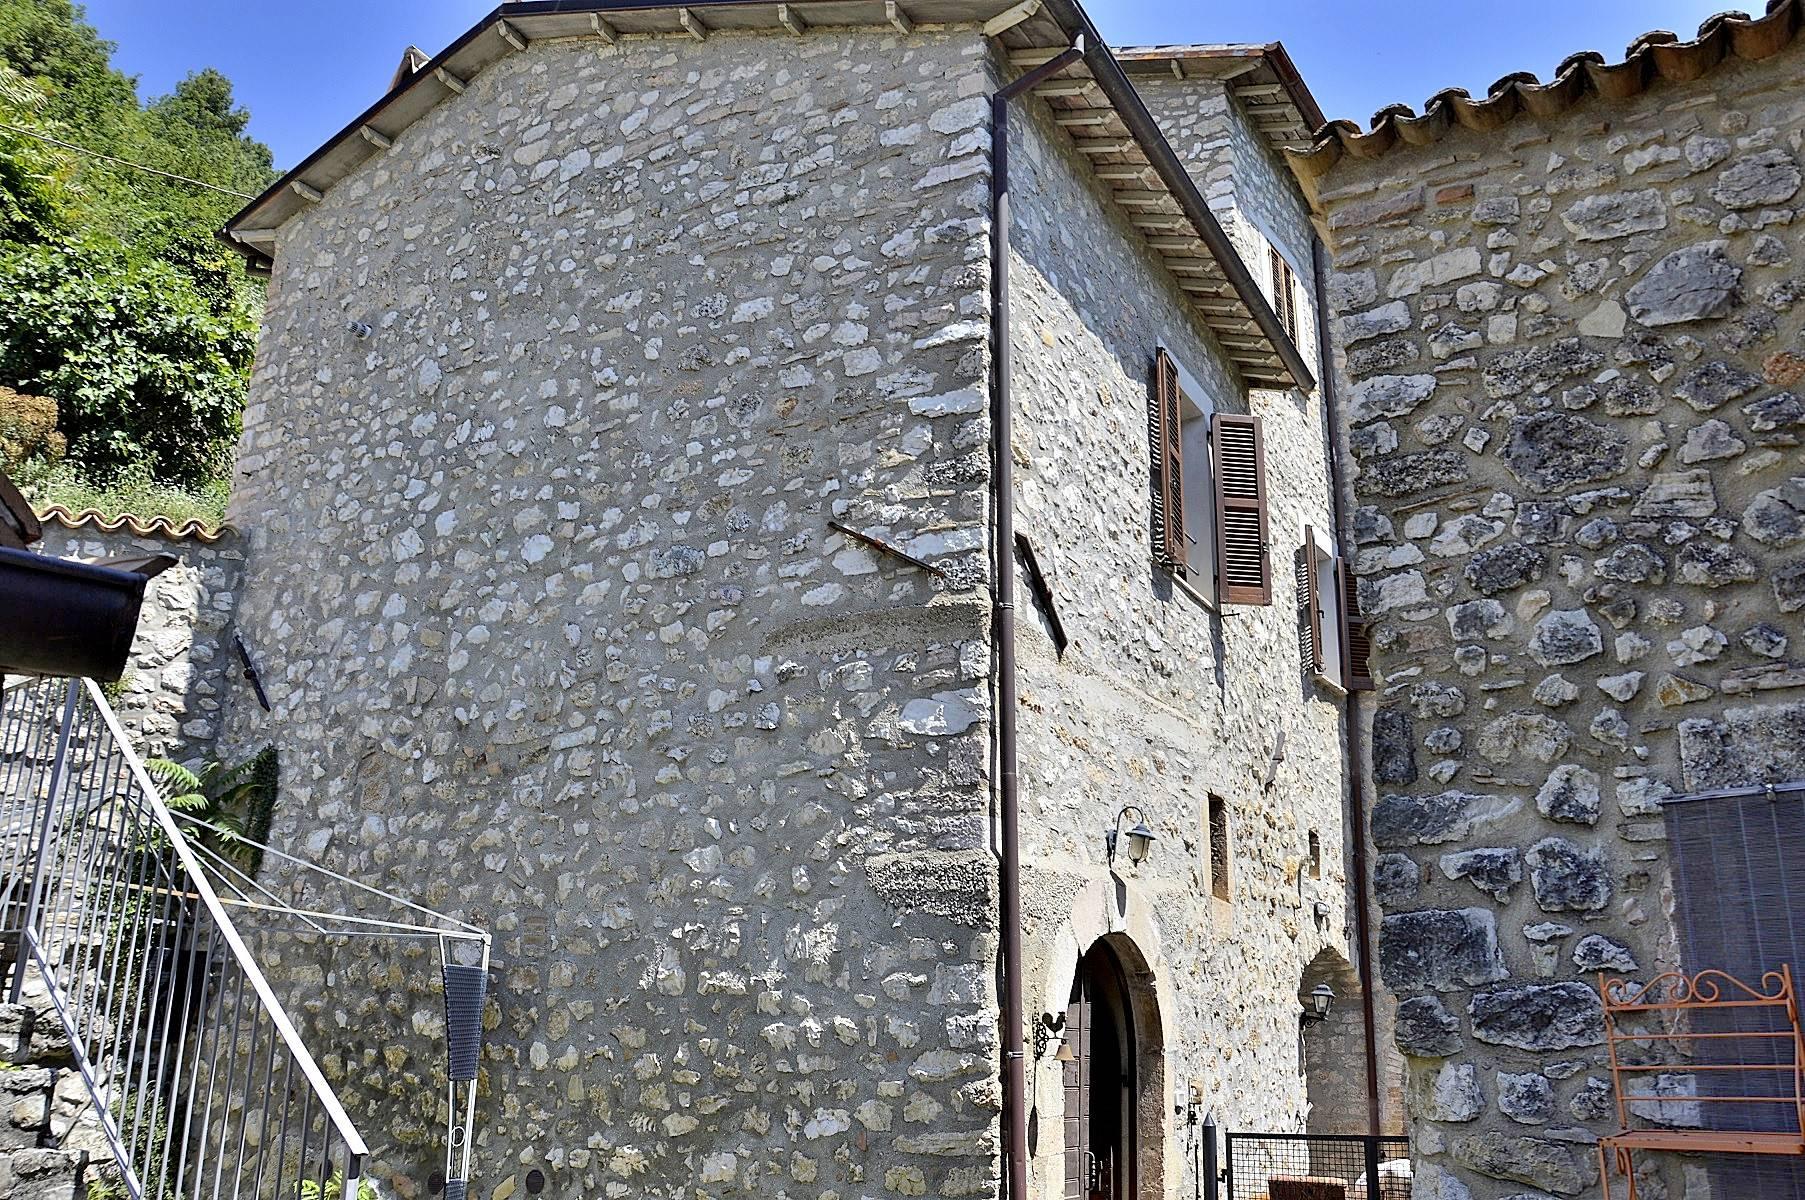 Soluzione Semindipendente in vendita a Sant'Anatolia di Narco, 3 locali, zona Zona: Grotti, prezzo € 69.000 | CambioCasa.it